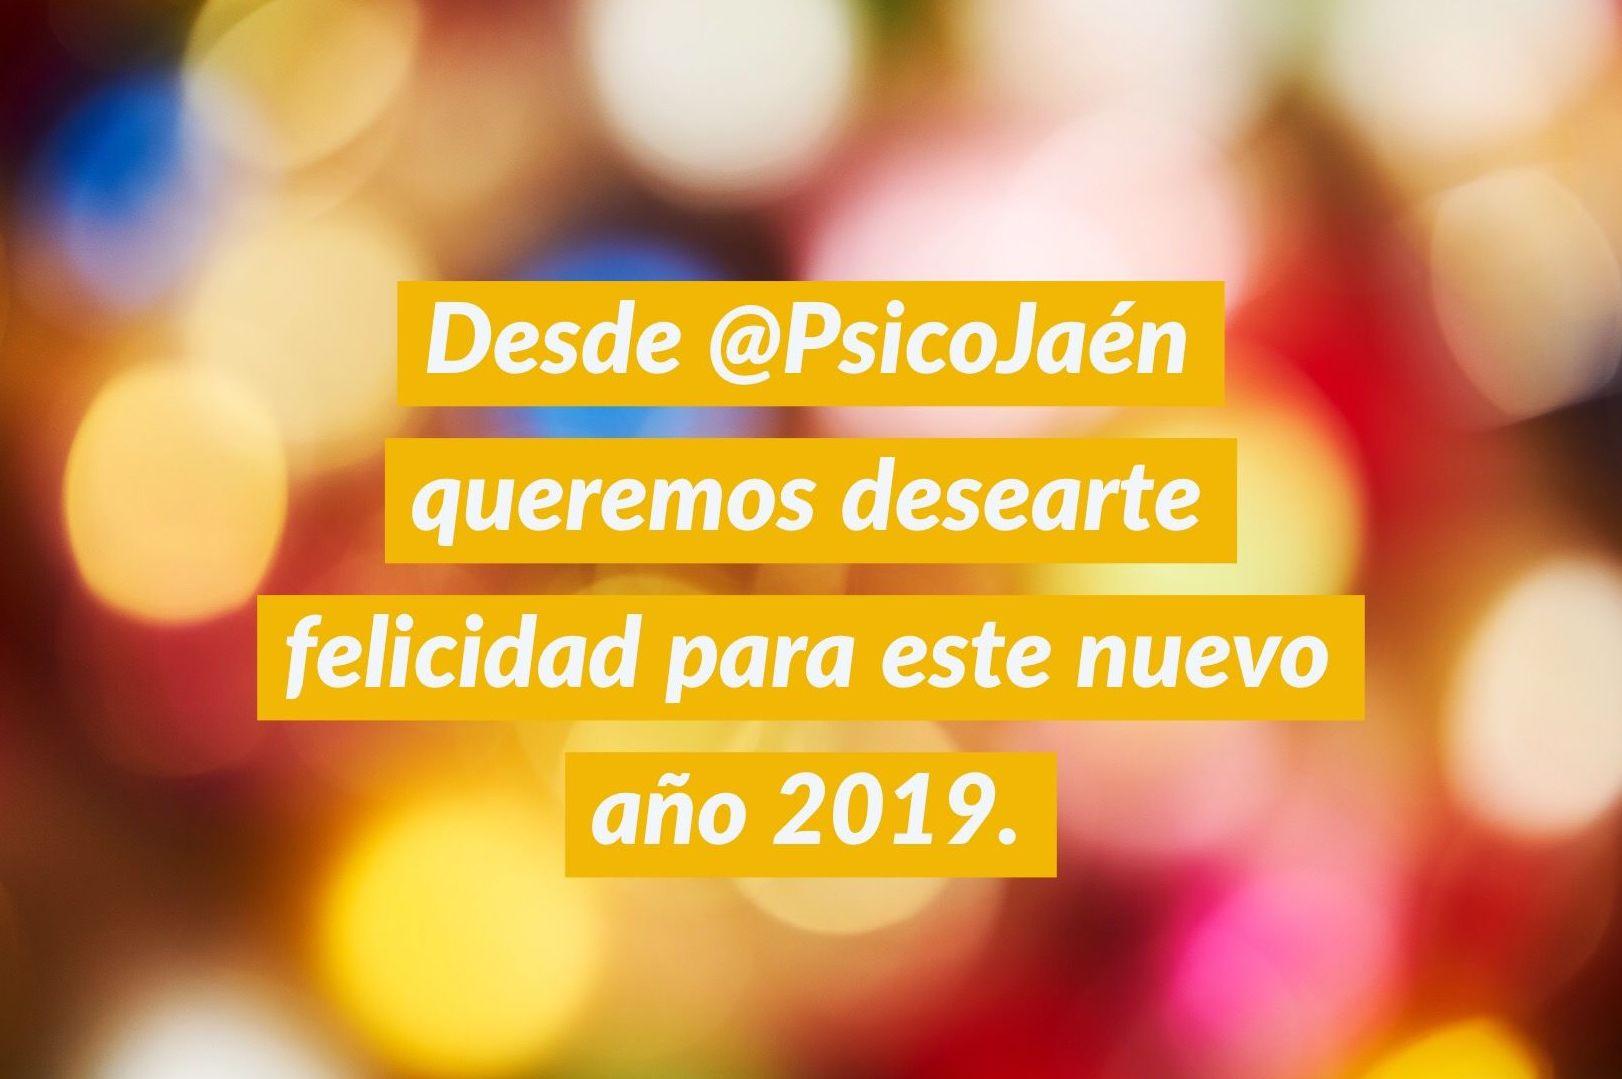 En PsicoJaén queremos que en este 2019 seas feliz